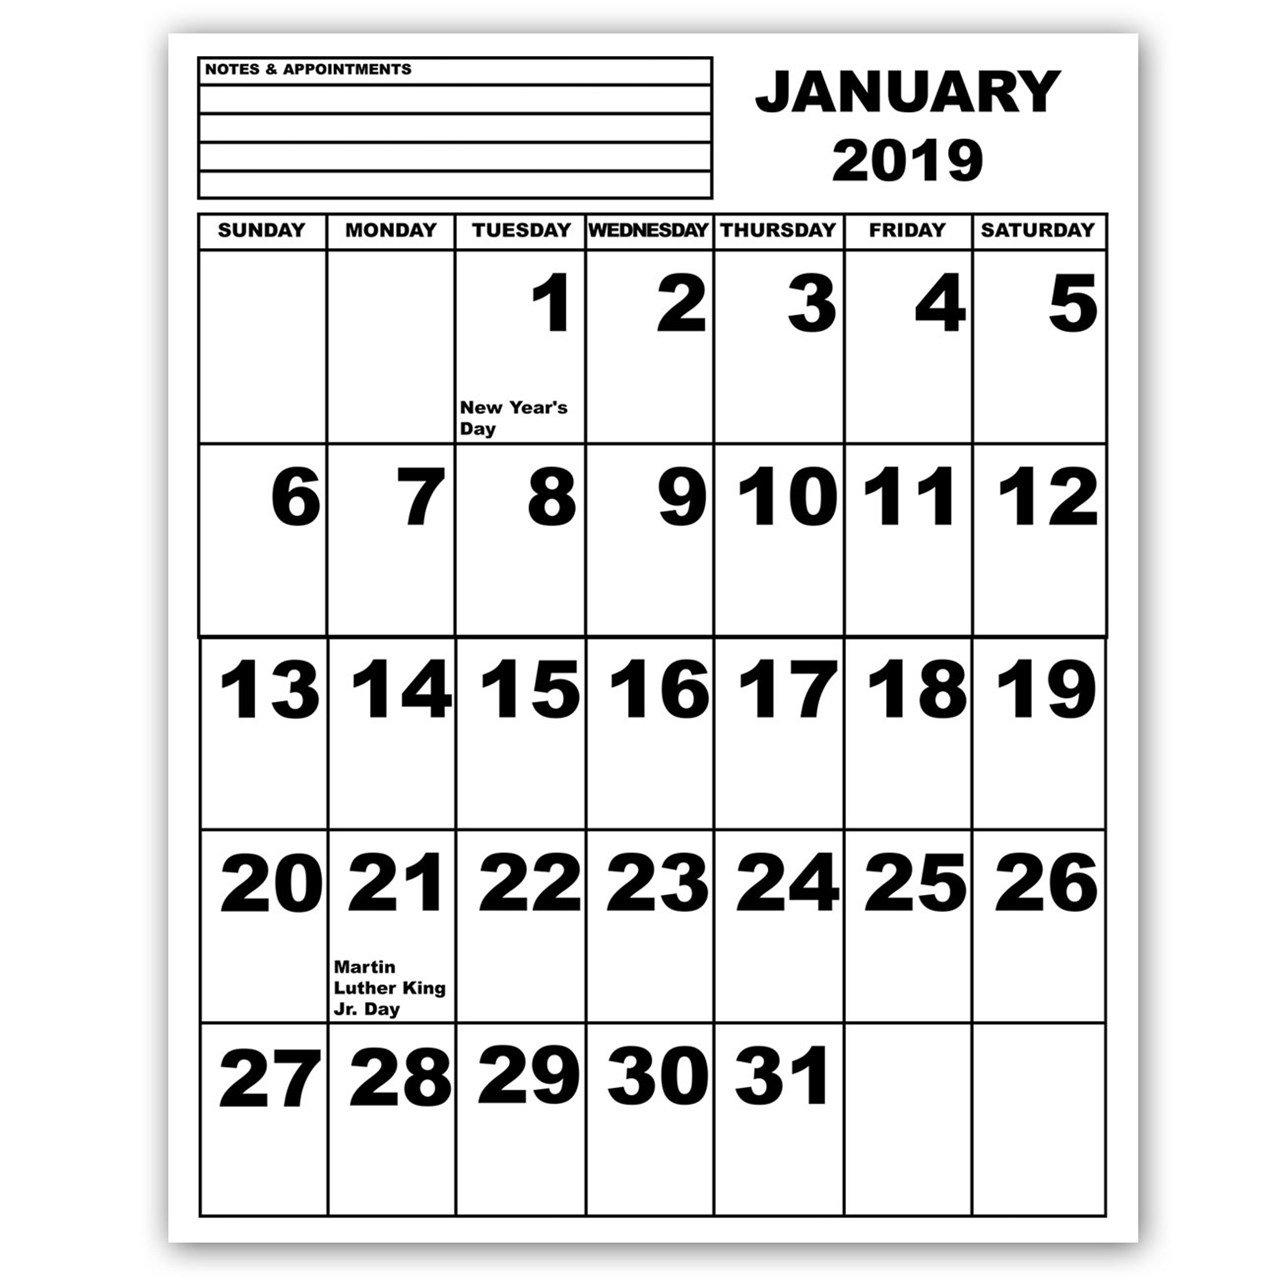 Maxiaids | Jumbo Print Calendar – 2019 Calendar 2019 Large Print